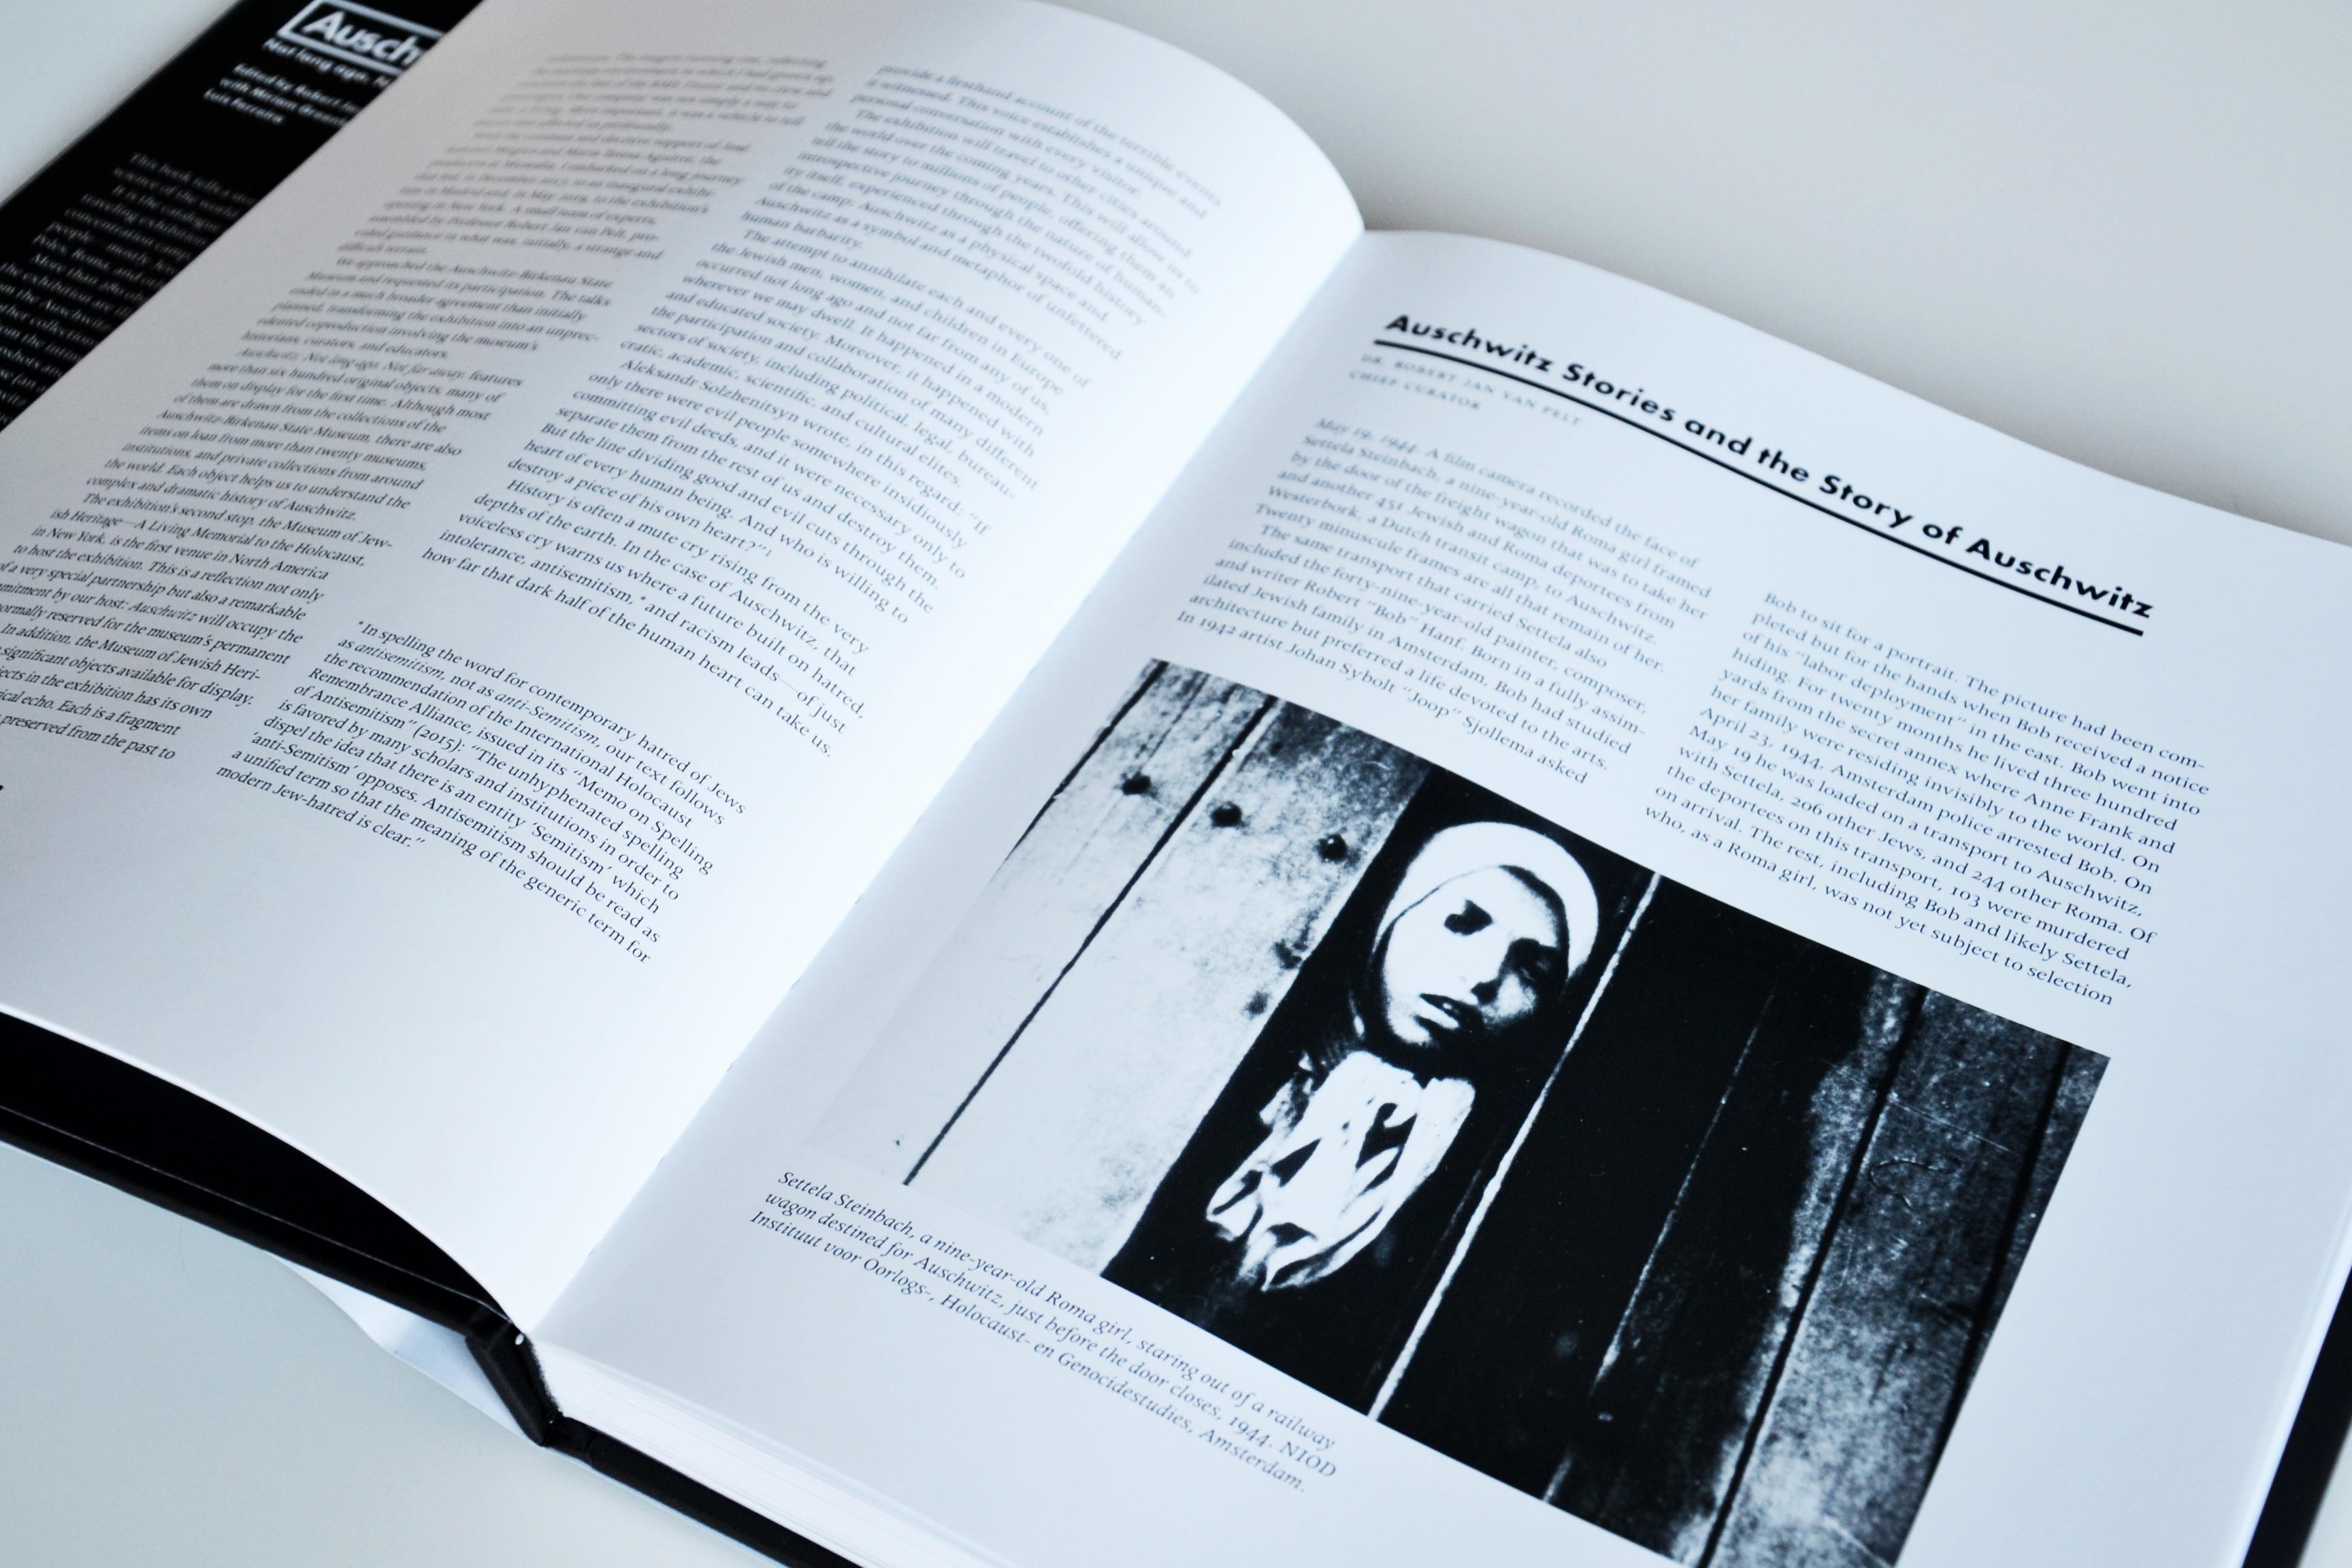 auschwitz-catalogue